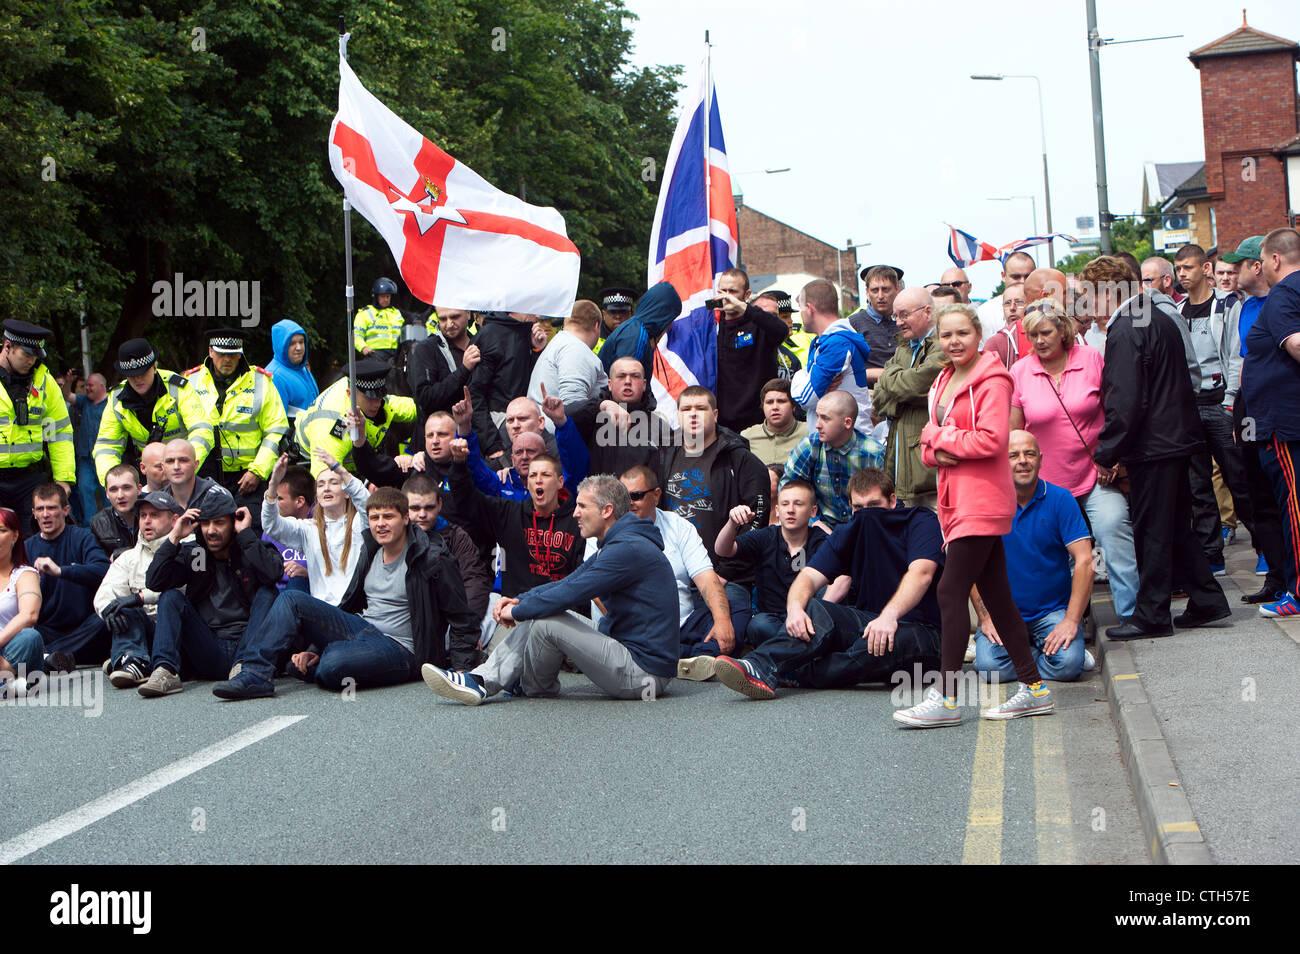 Los manifestantes de extrema derecha etapa a sentarse protesta en Park Road. James Larkin la Sociedad de Liverpool Imagen De Stock